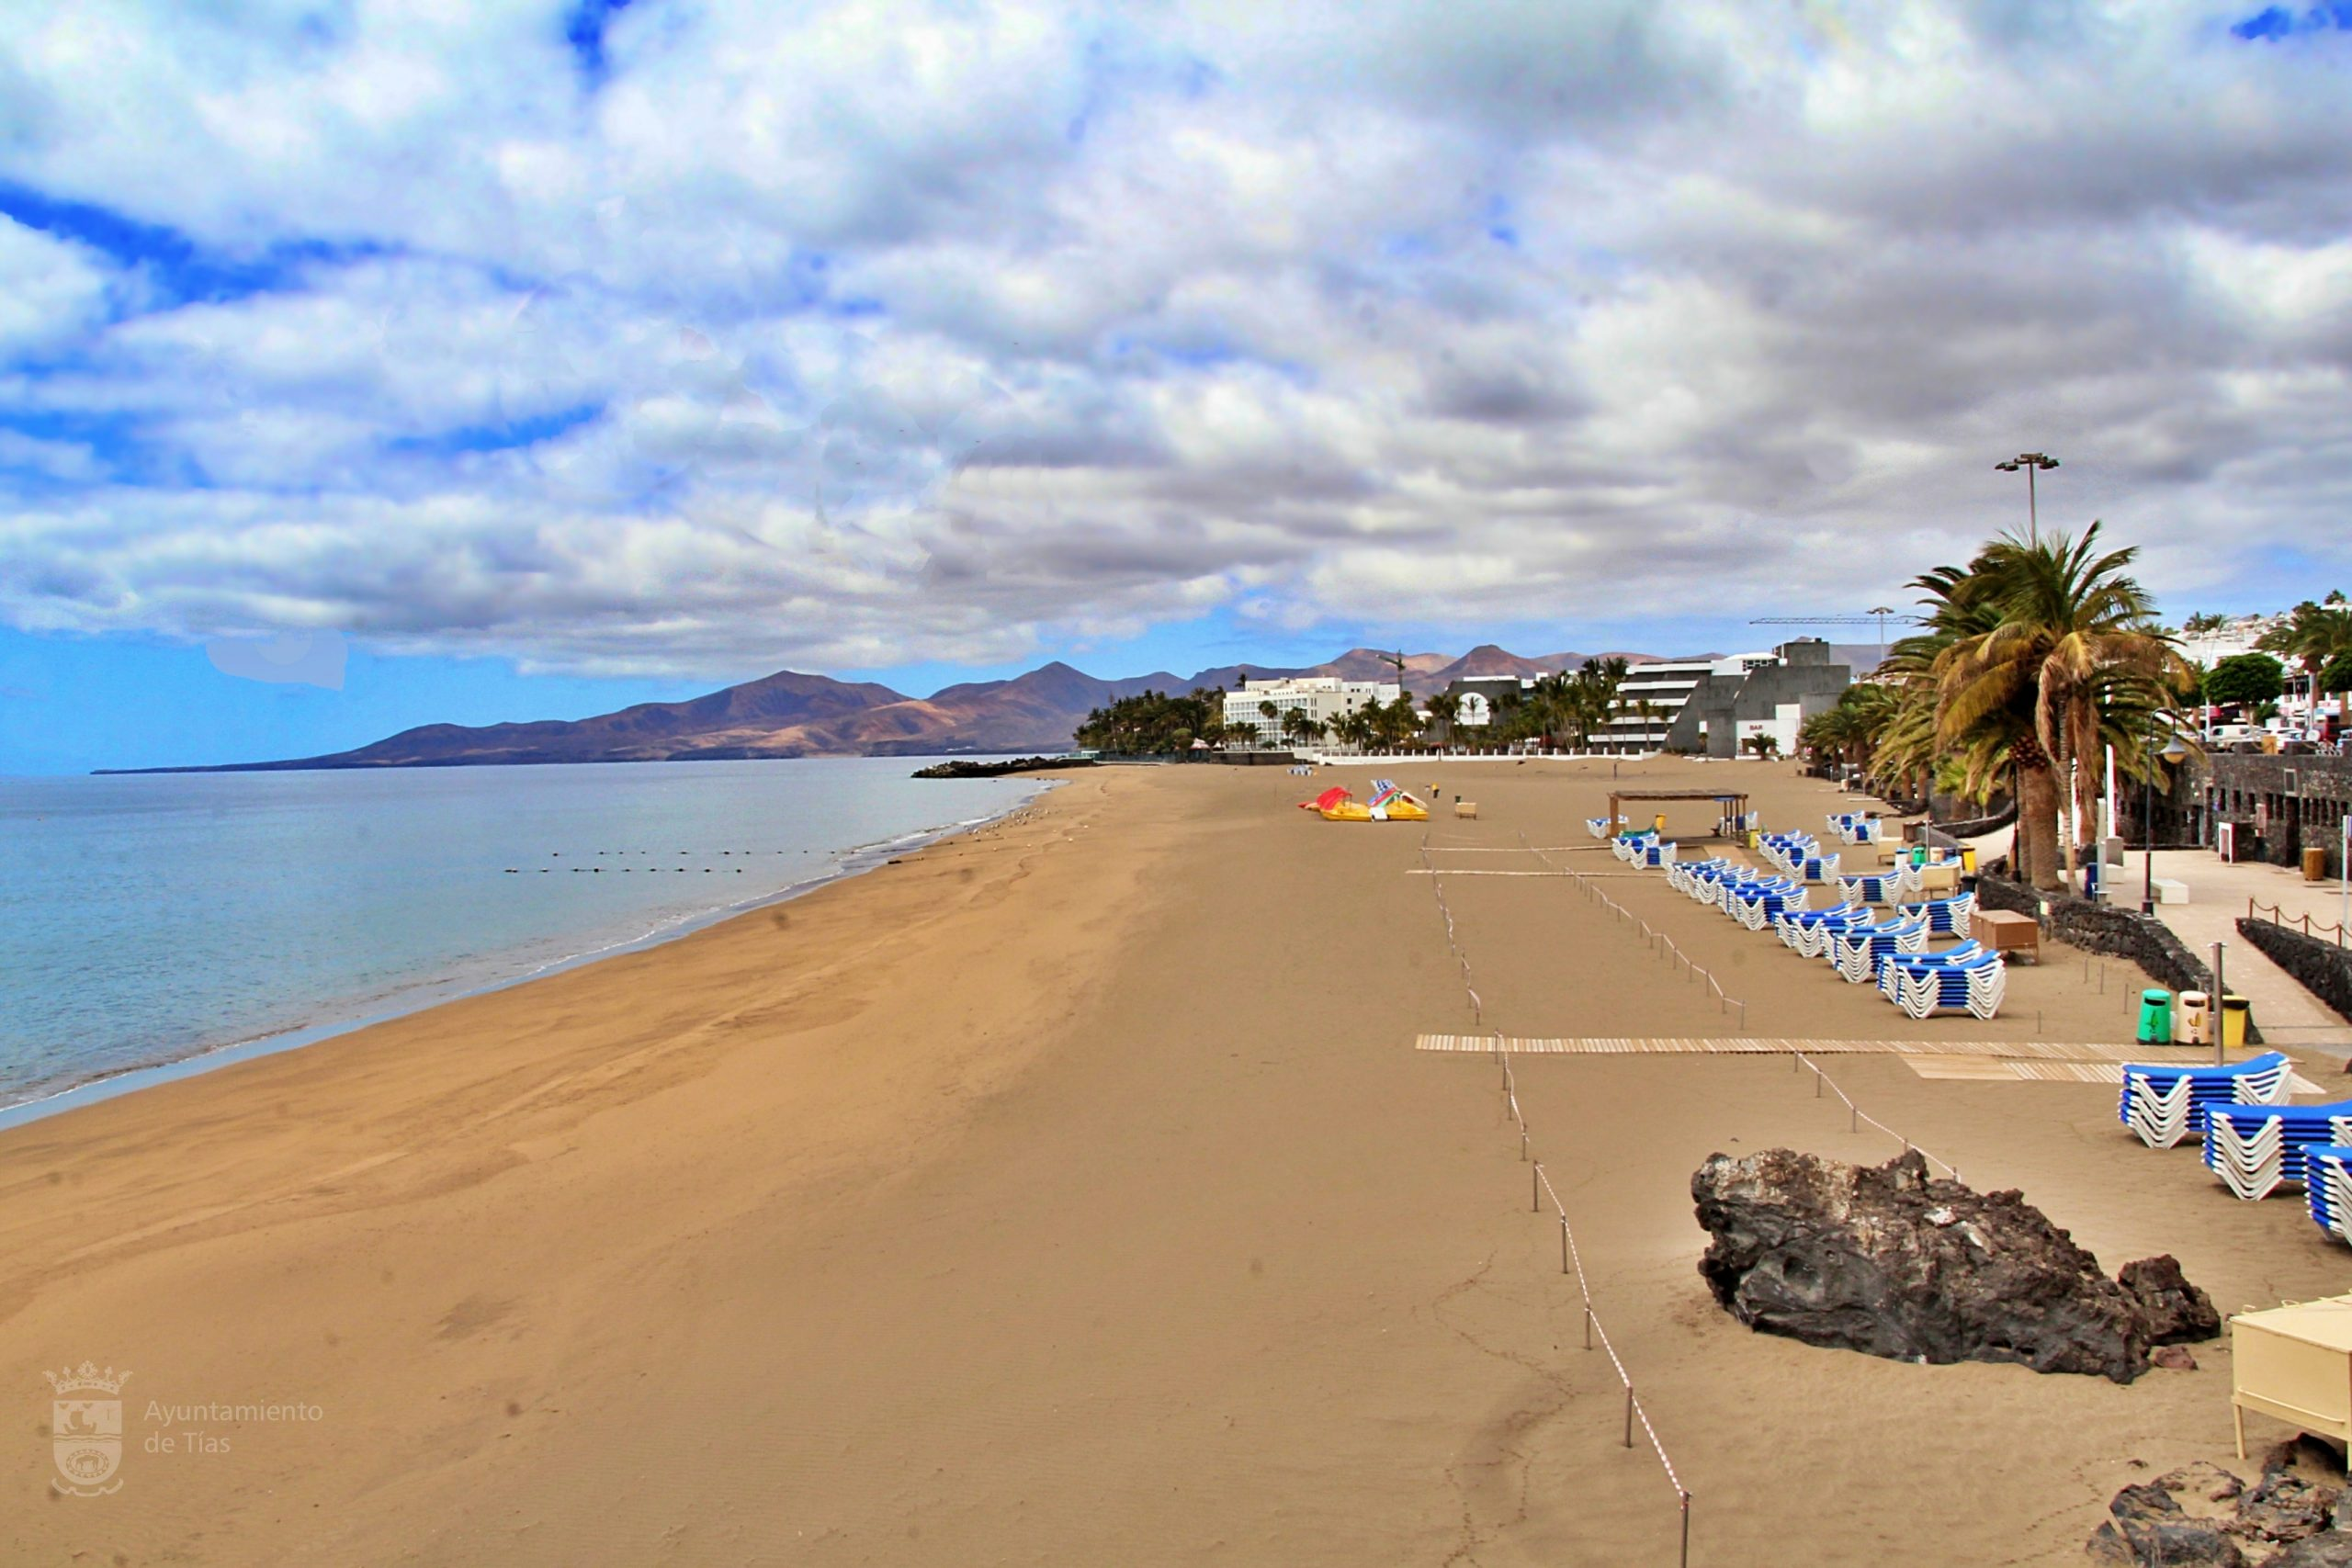 Turismo Puerto del Carmen lanza un vídeo promocional con los encantos del municipio